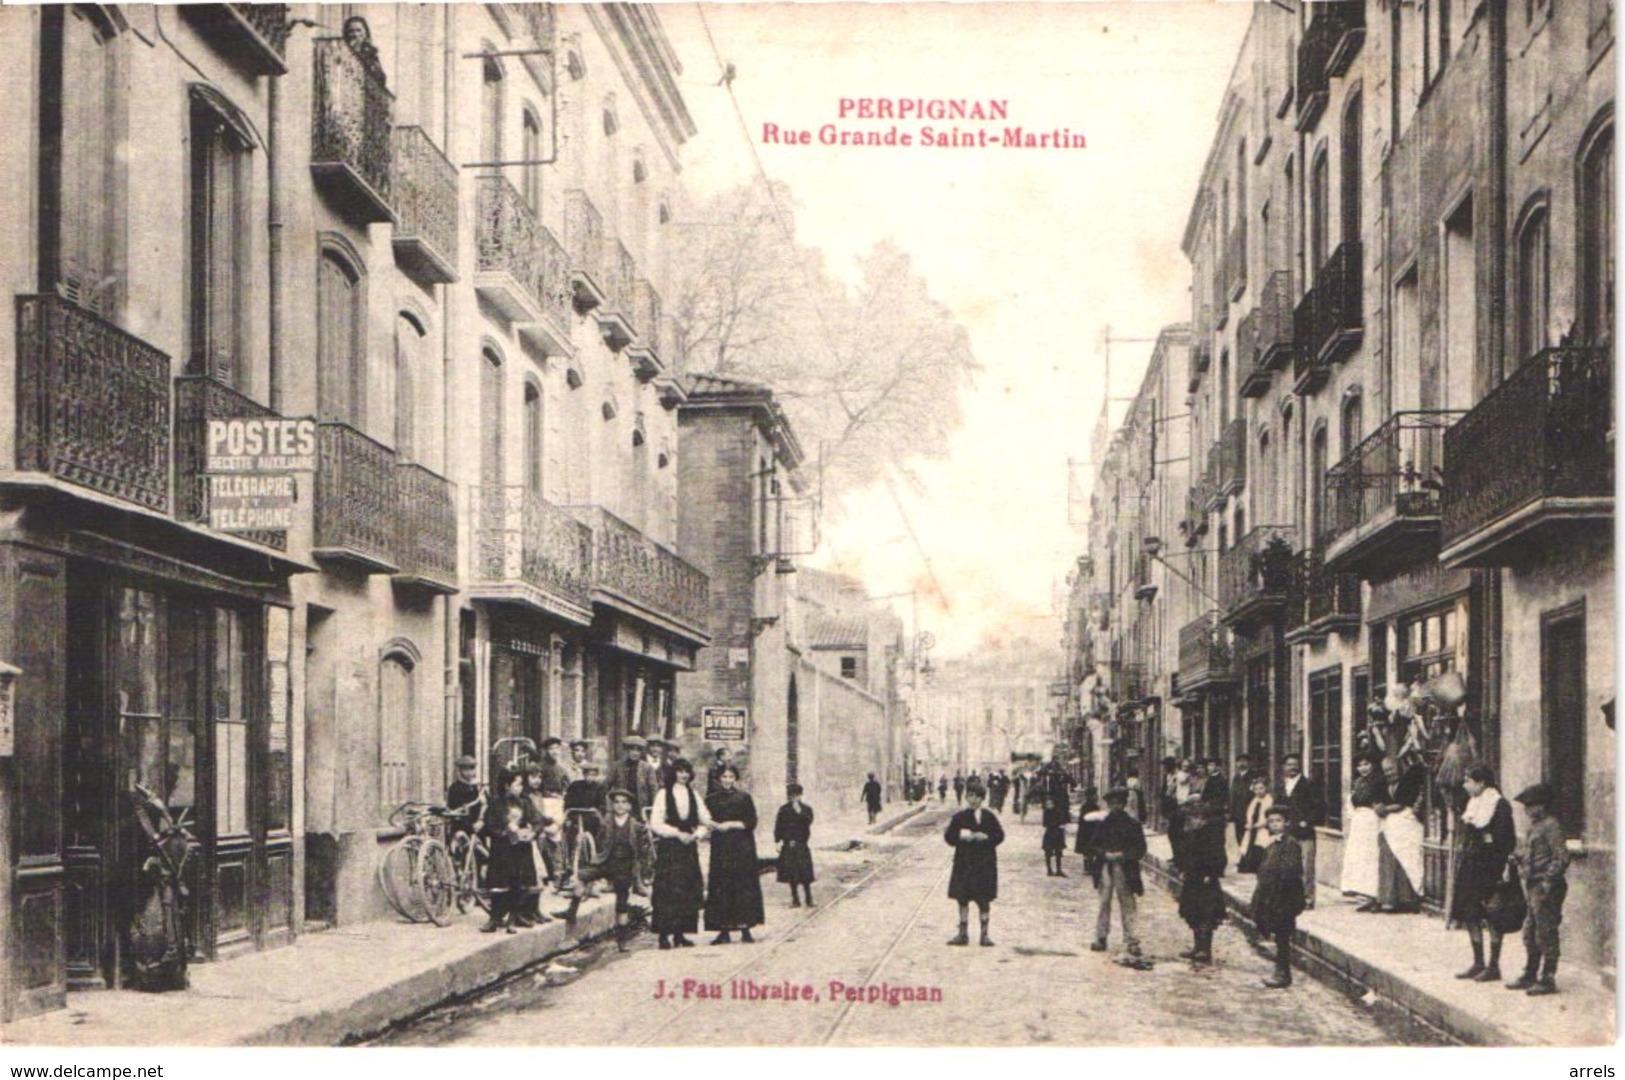 FR66 PERPIGNAN - Fau - Rue Grande Saint Martin - Postes - Pub BYRRH Devantures - Animée - Belle - Perpignan